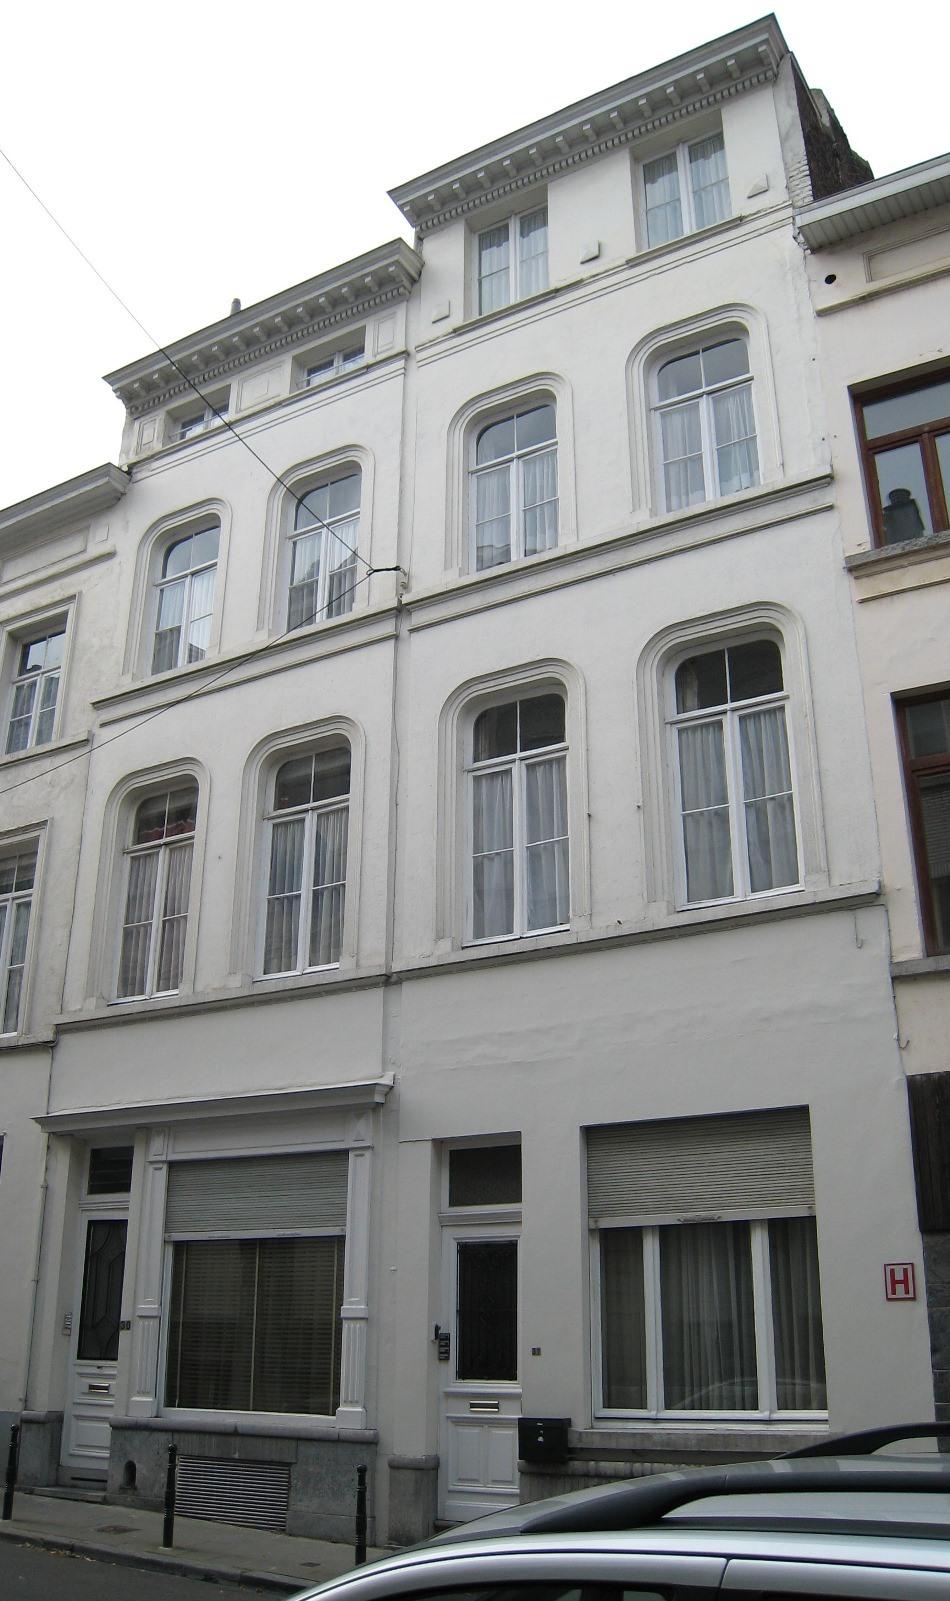 Rue Caroly 30, 32, 2007